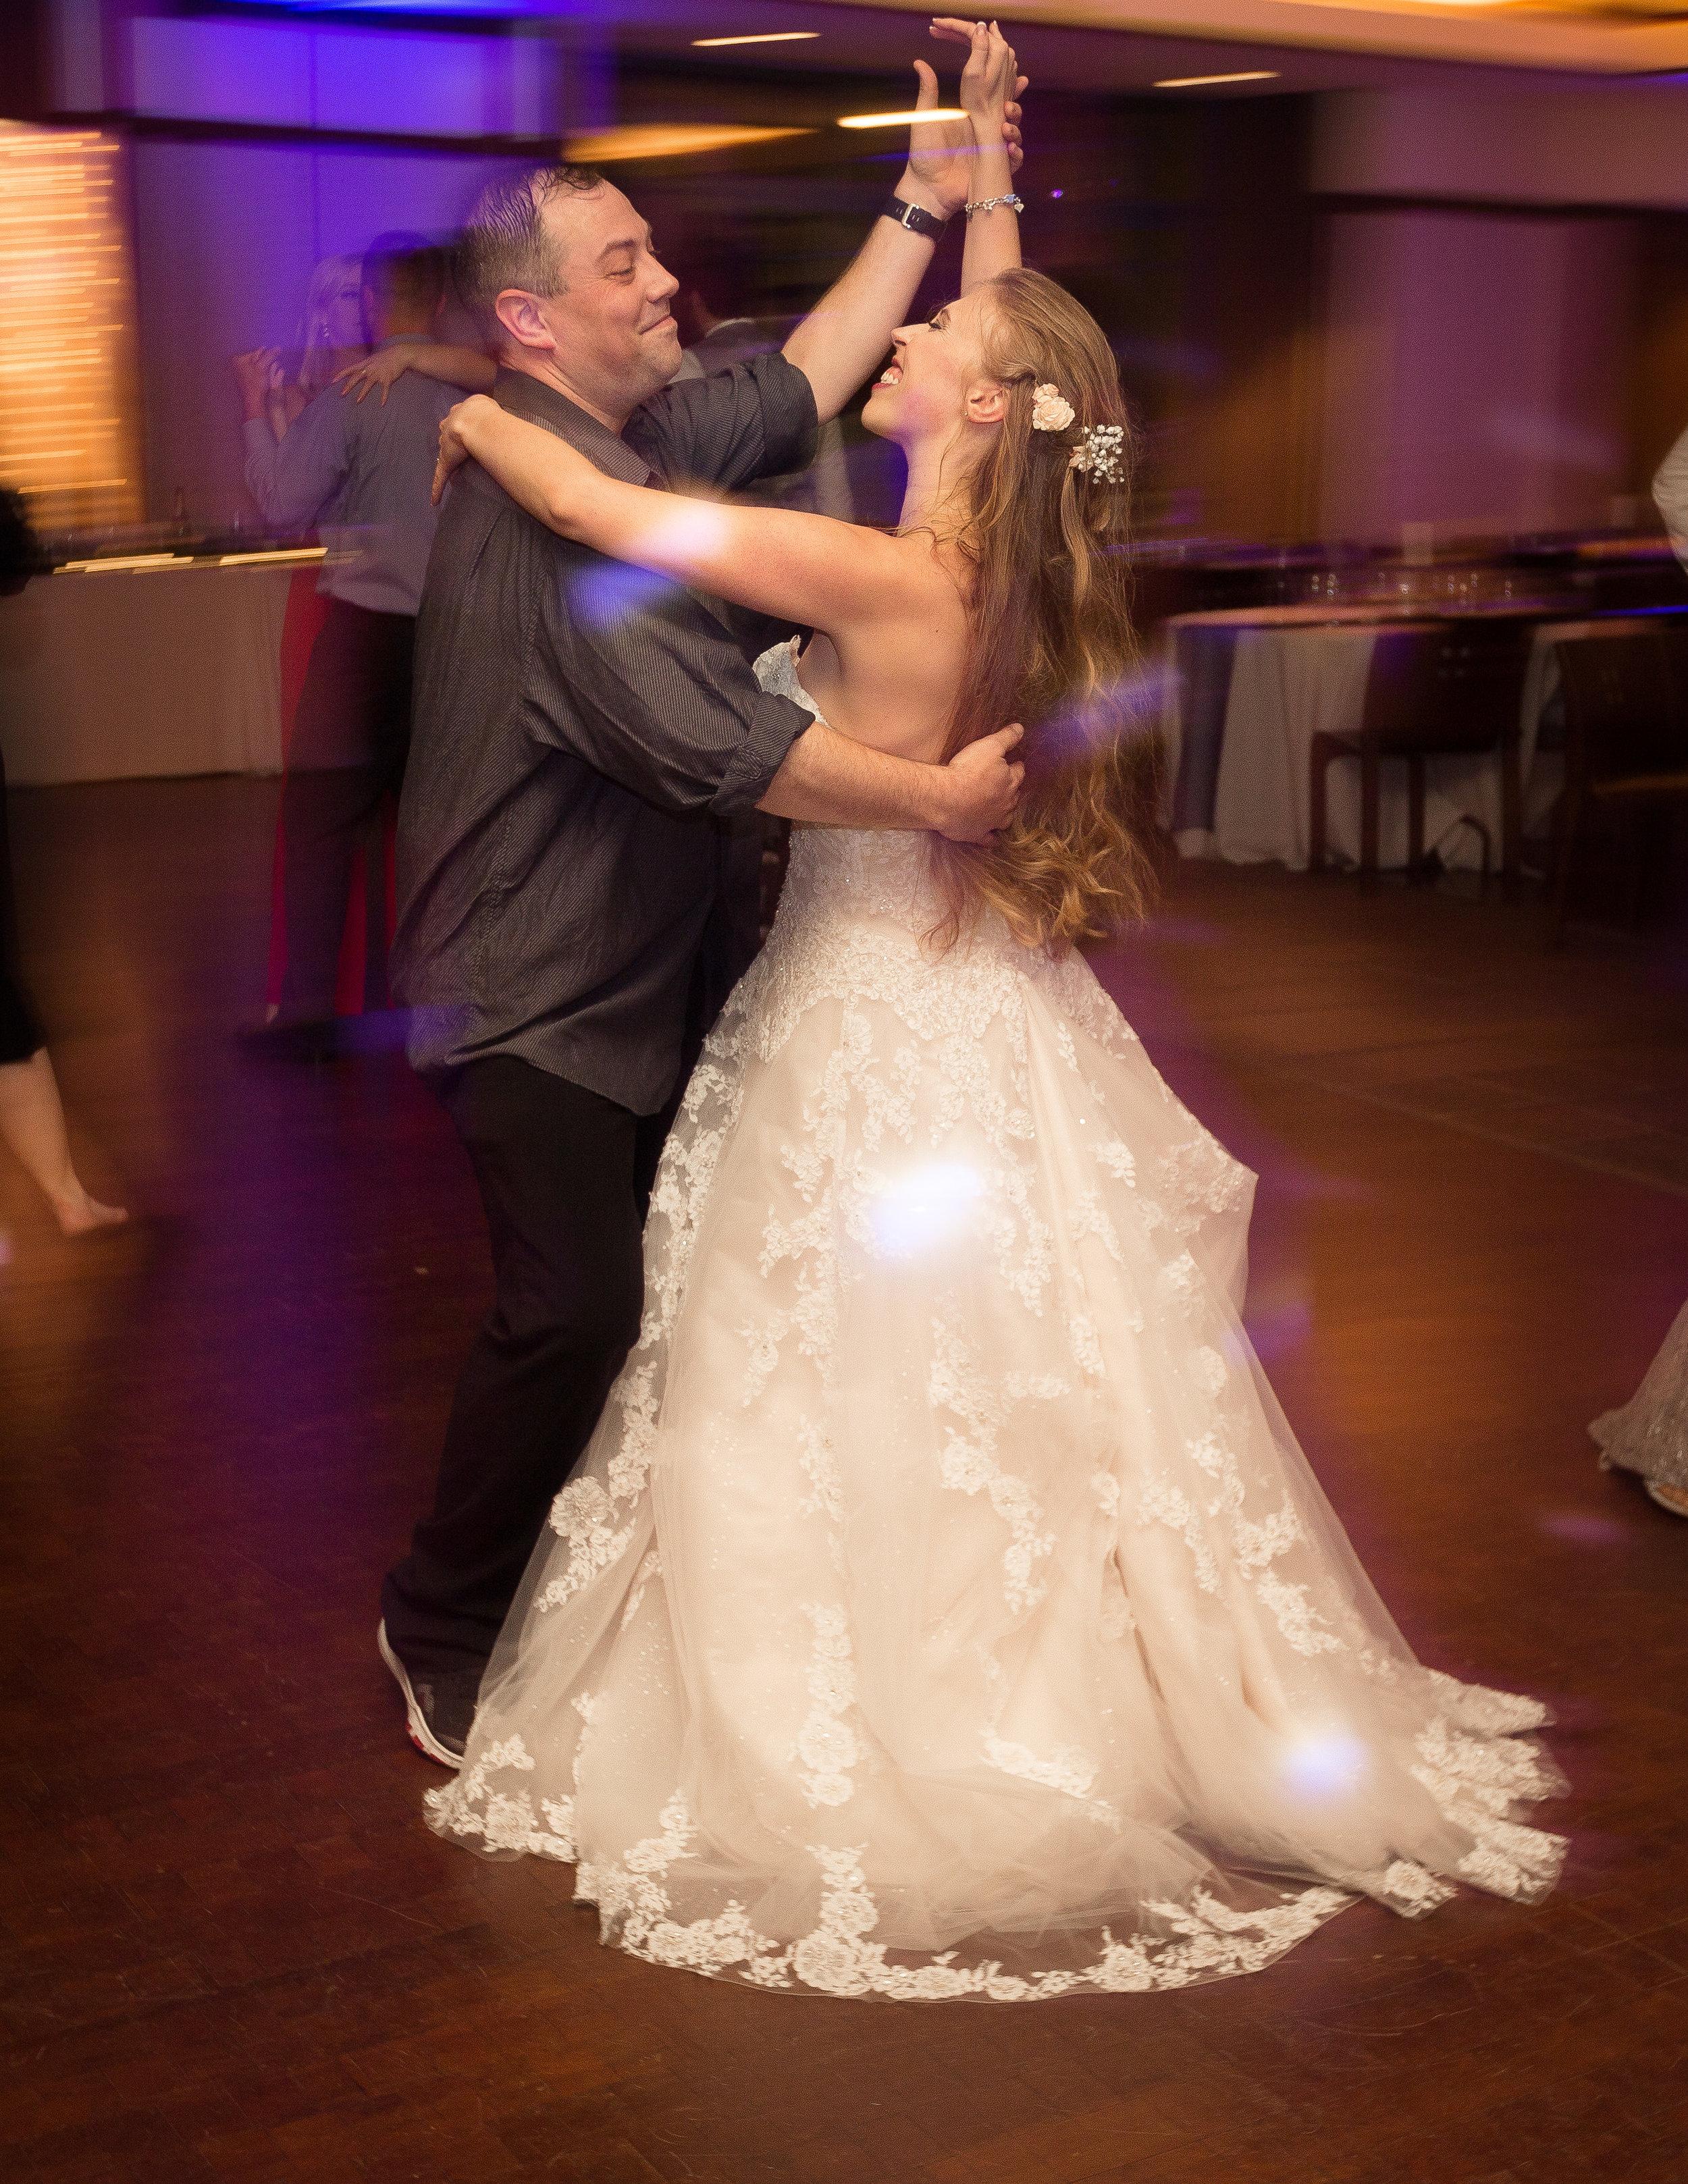 C_Wedding_Spellman, Megan & Tyler_10.27.18-2121.JPG